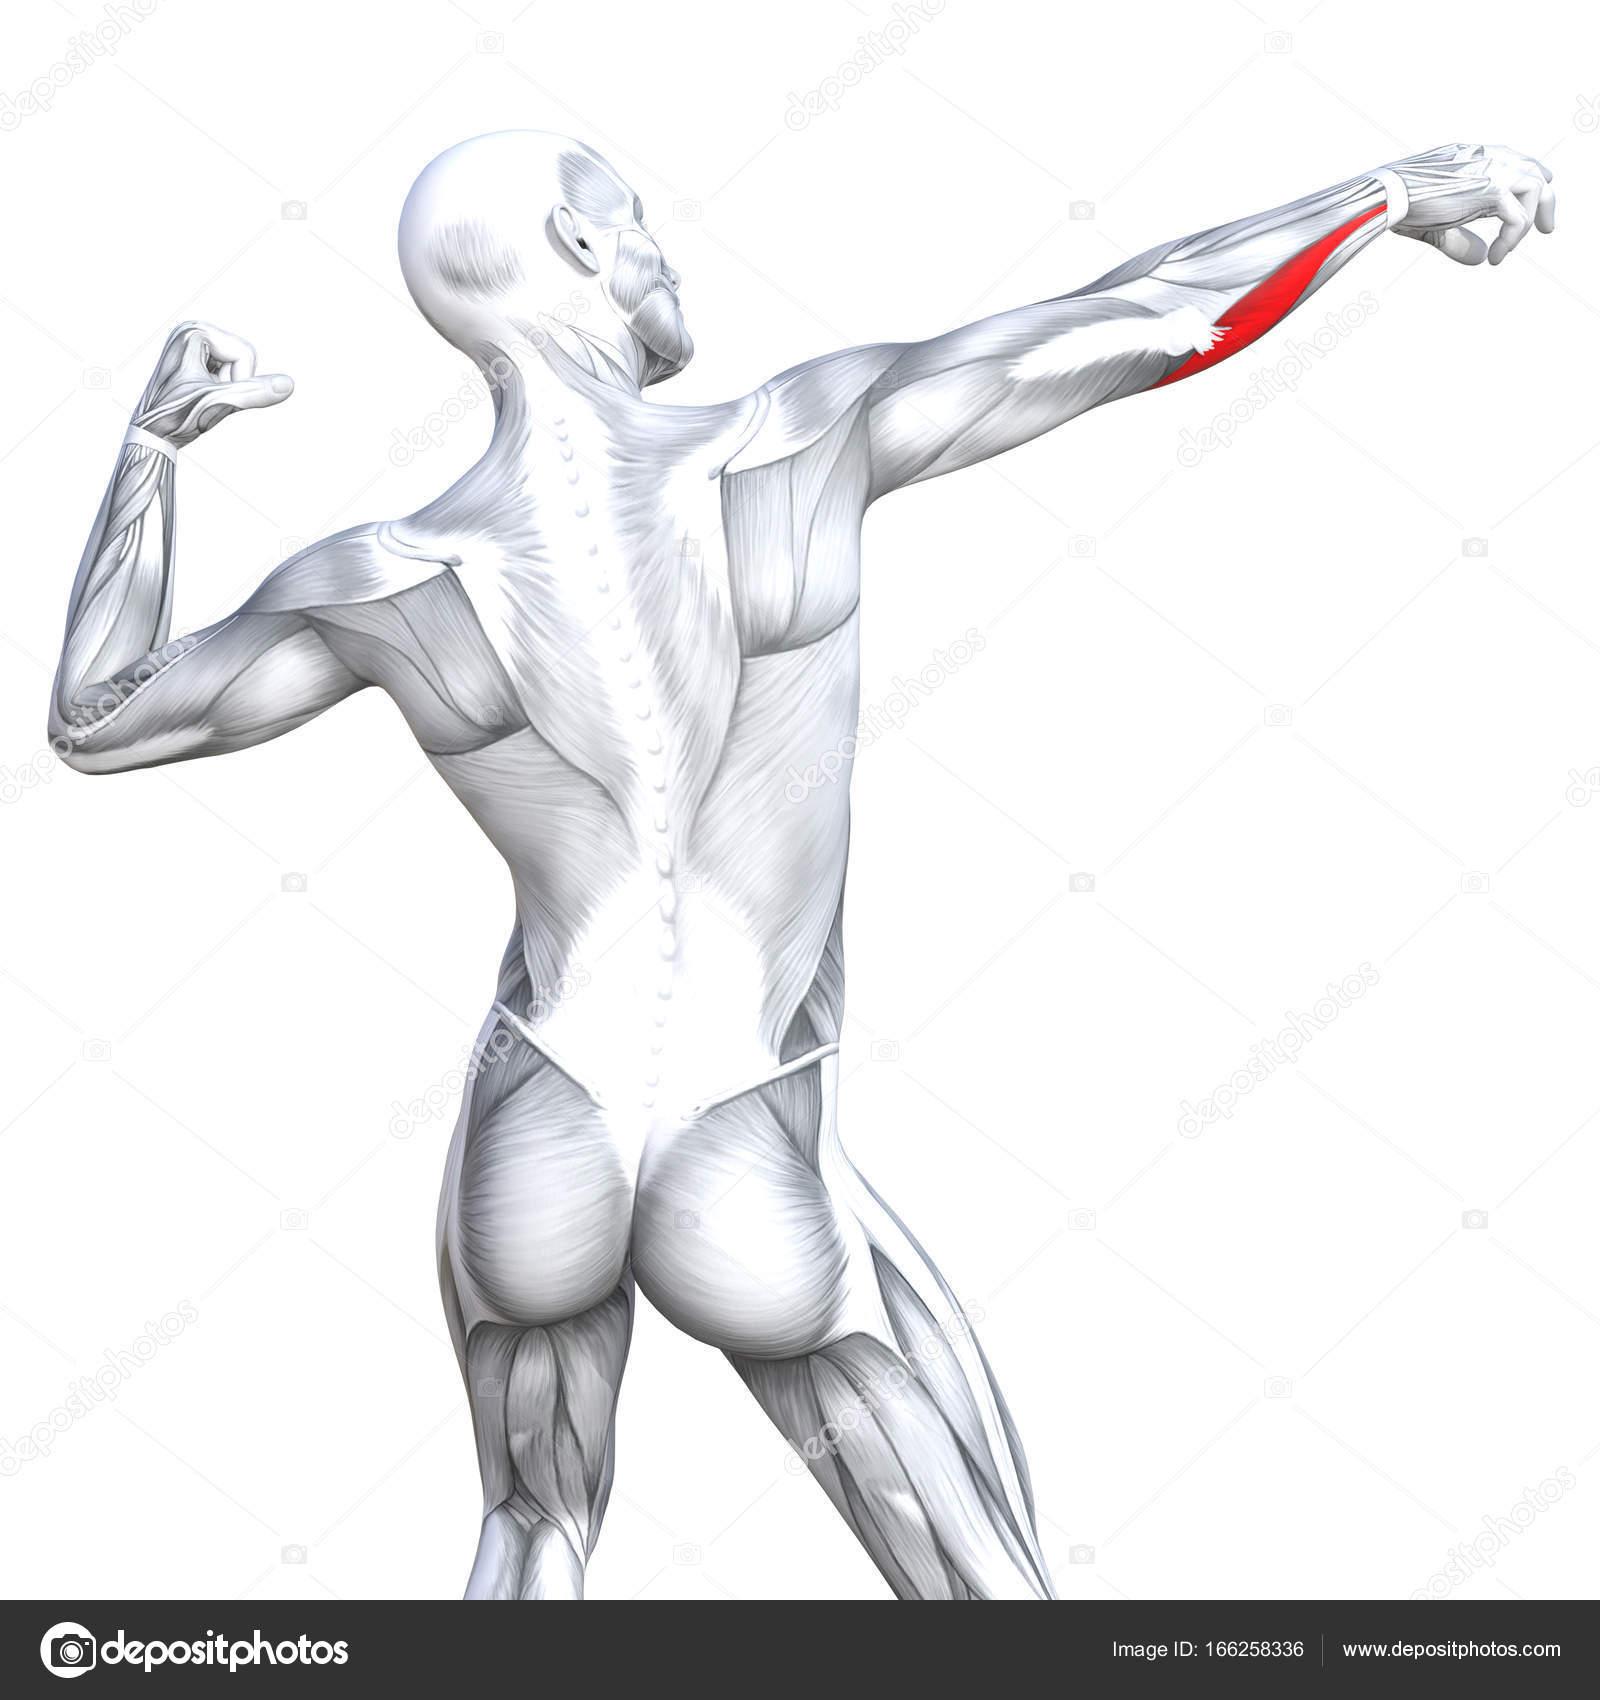 grundlegende menschliche Anatomie — Stockfoto © design36 #166258336